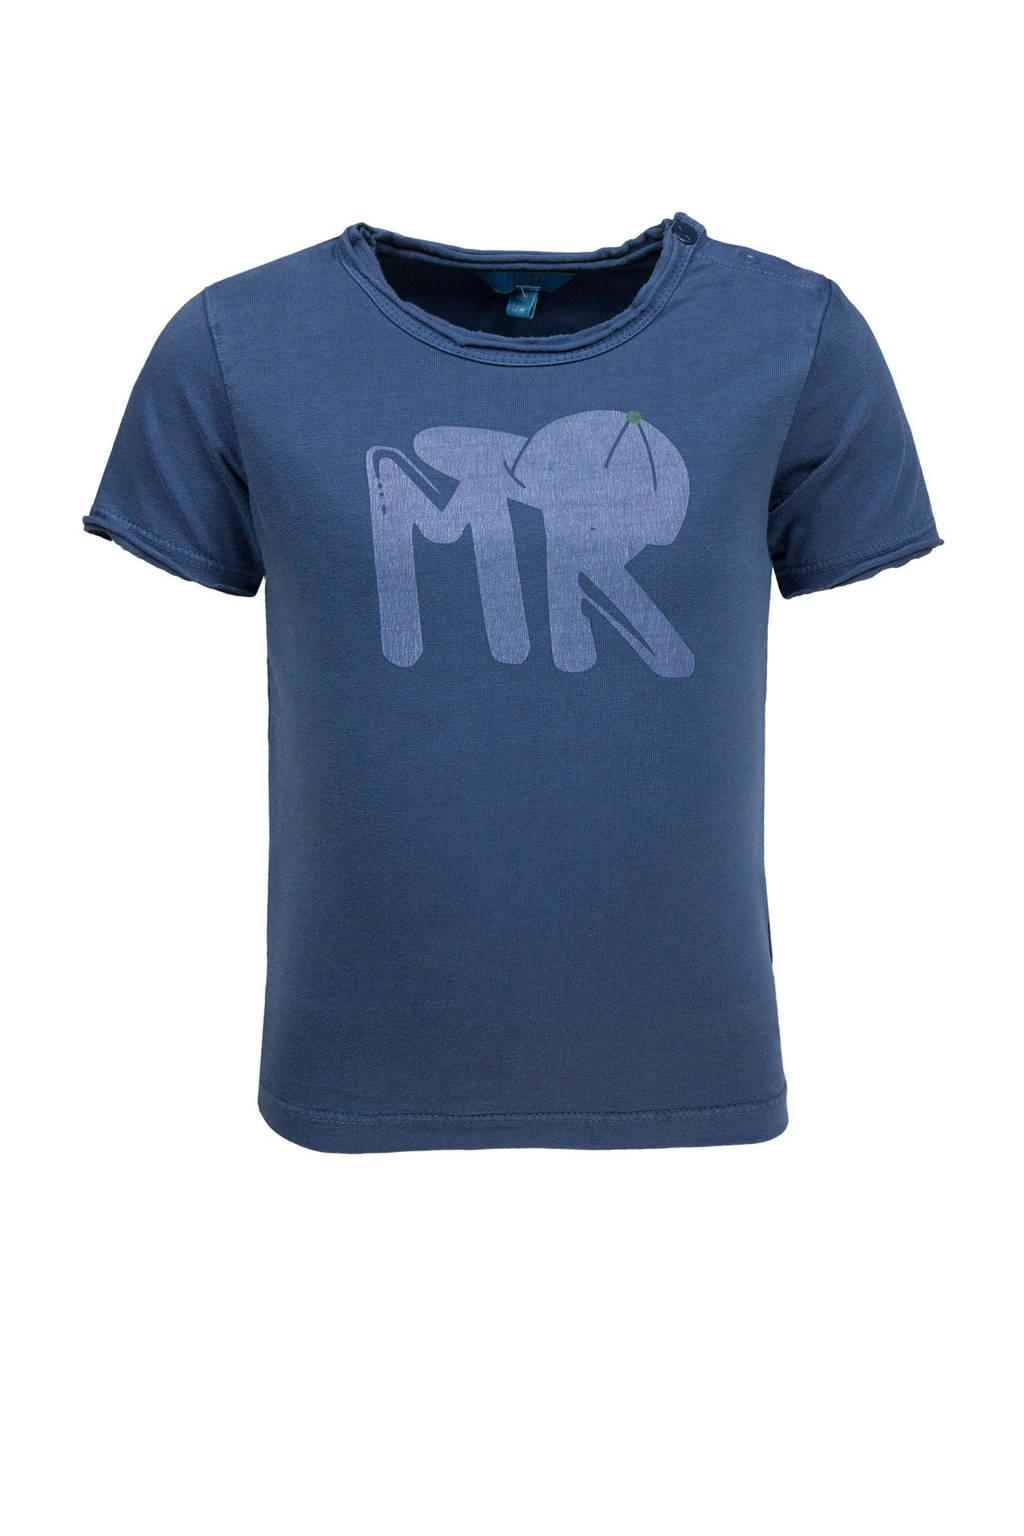 lief! T-shirt met printopdruk blauw, Blauw